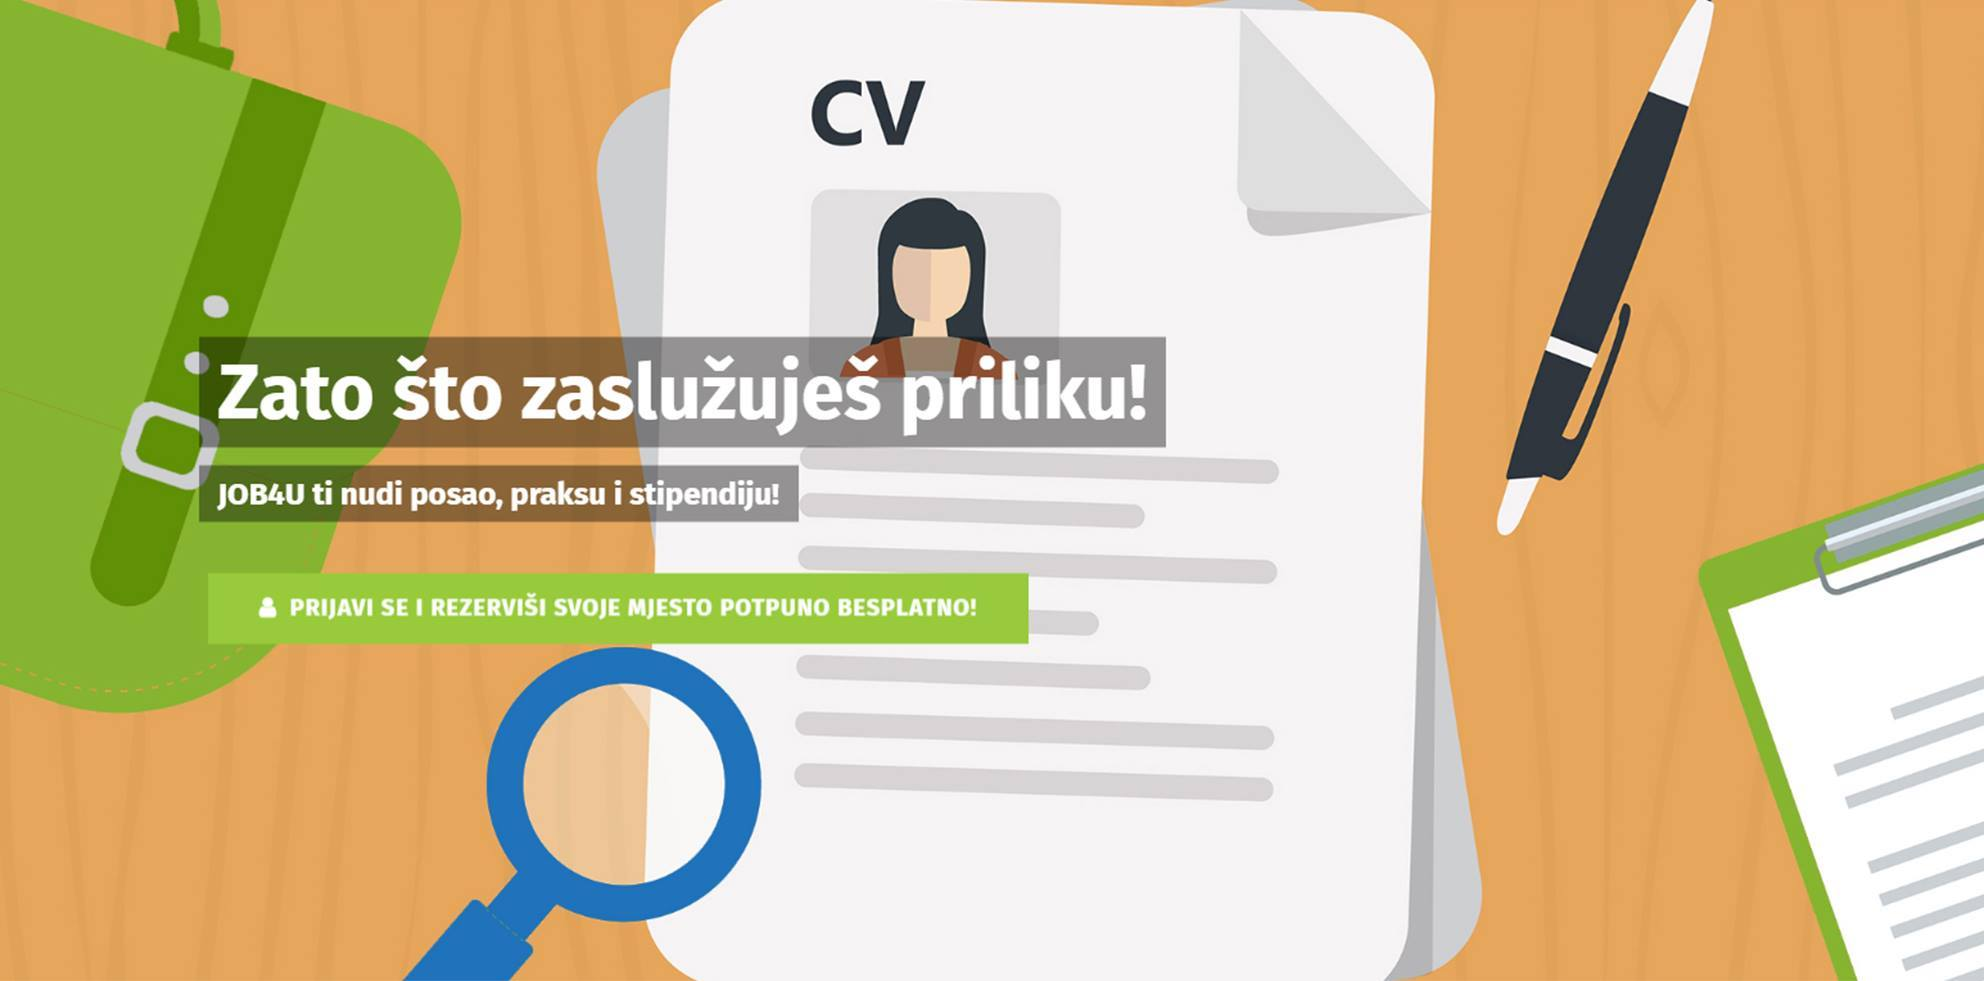 Više od 500 prijava za učešće na Sajmu zapošljavanja JOB4U